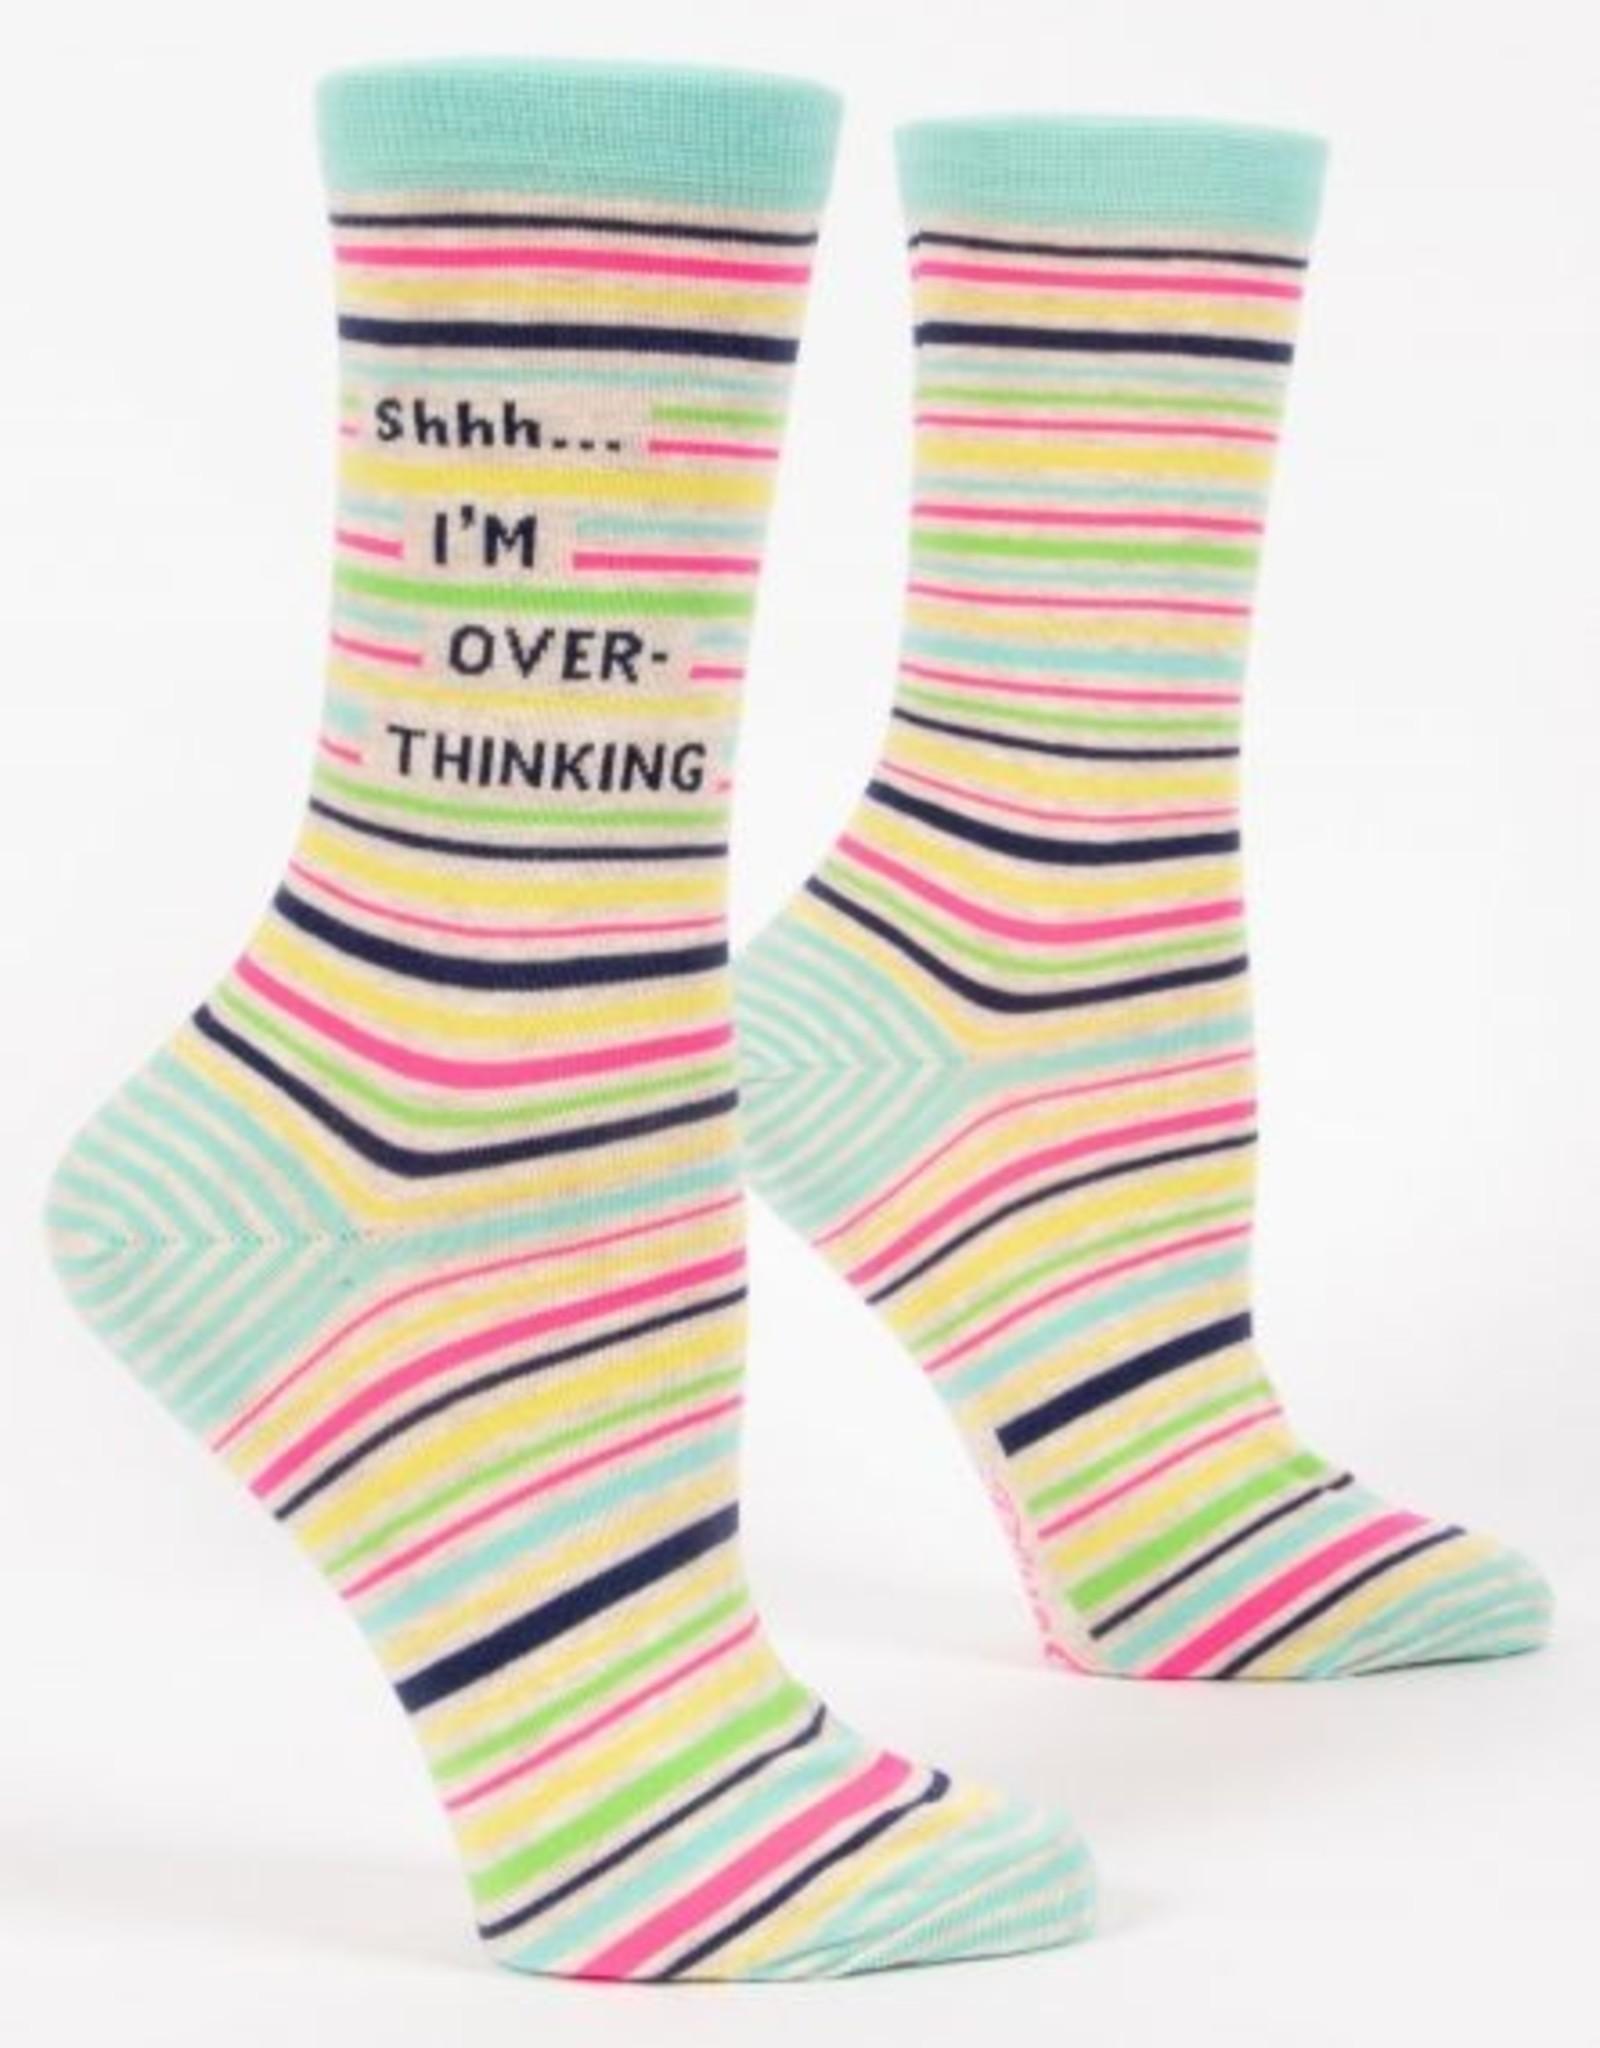 Blue Q Socks, Shhh... Overthinking